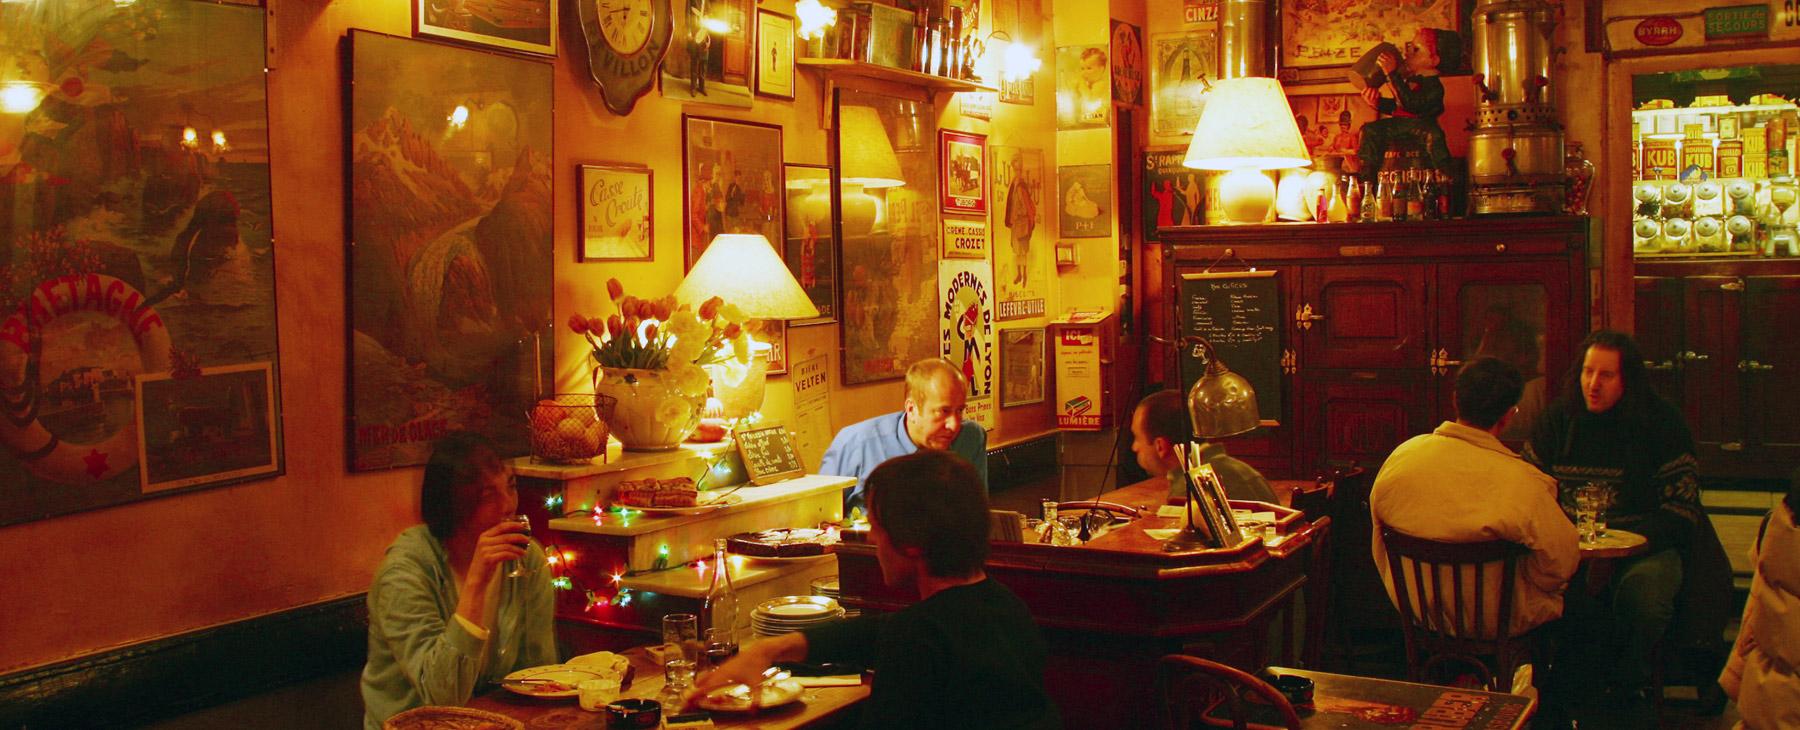 Restaurant Beaujolais : Rhône Tourisme, restaurants dans le Beaujolais